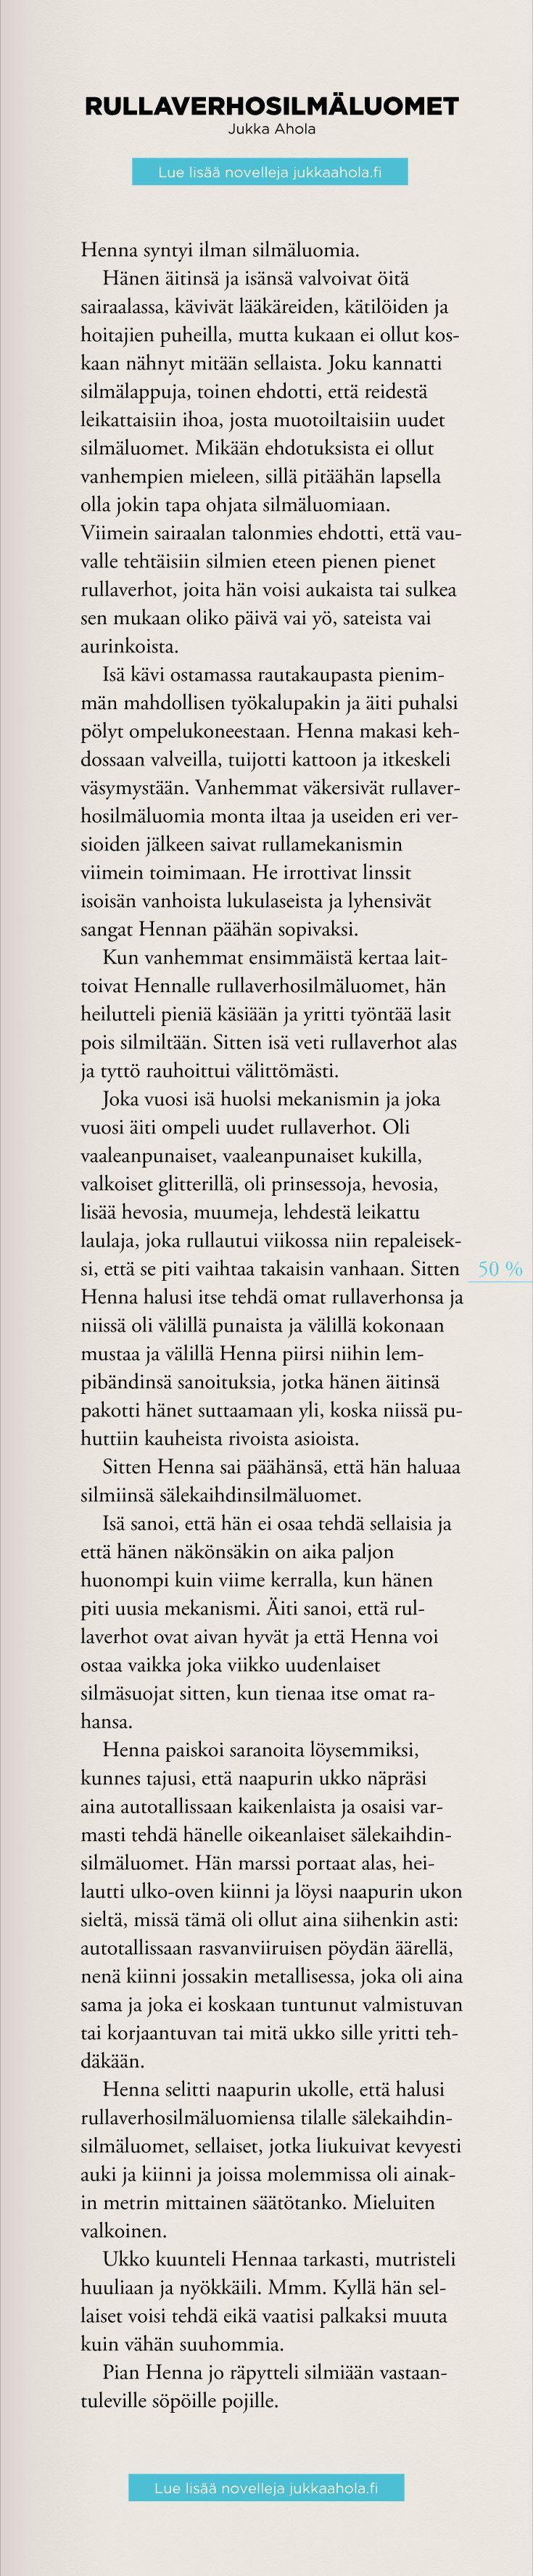 Rullaverhosilmäluomet on novelli julkaisemattomasta kokoelmastani Yhdellä viivalla piirrettyjä ihmisiä. Lue kokoelman parhaat novellit blogissani.  #novelli #kirjoittaminen #lukeminen #novellikokoelma #suomalainennovelli